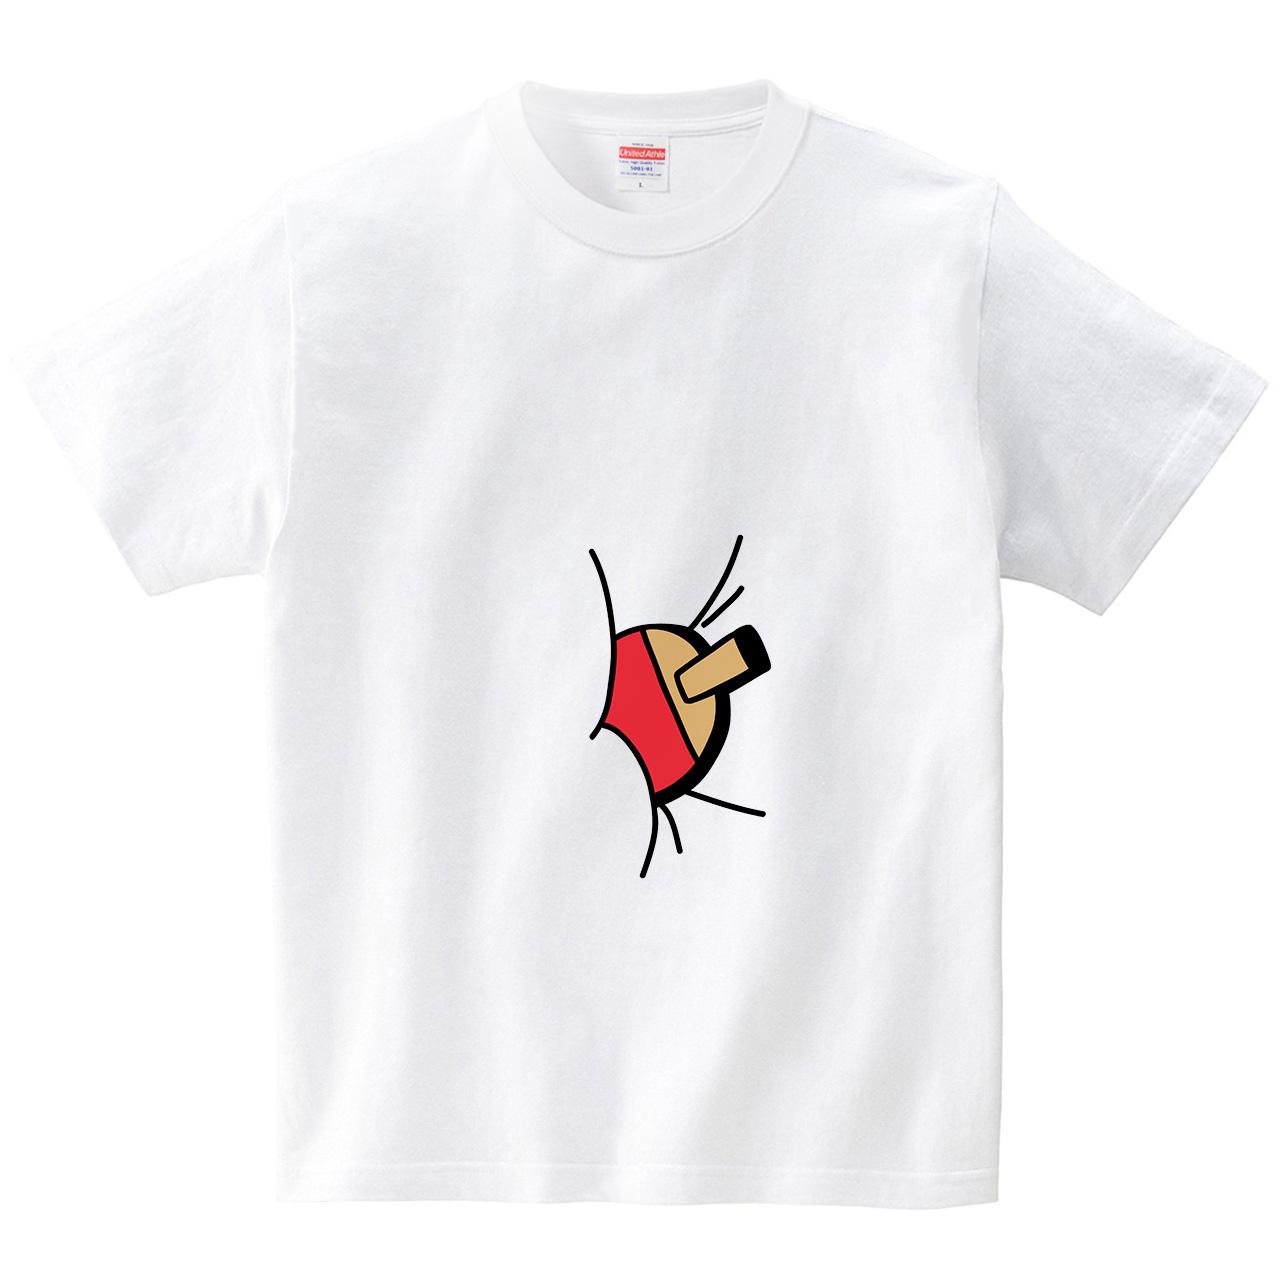 お腹に卓球ラケット(Tシャツ・ホワイト)(オワリ)